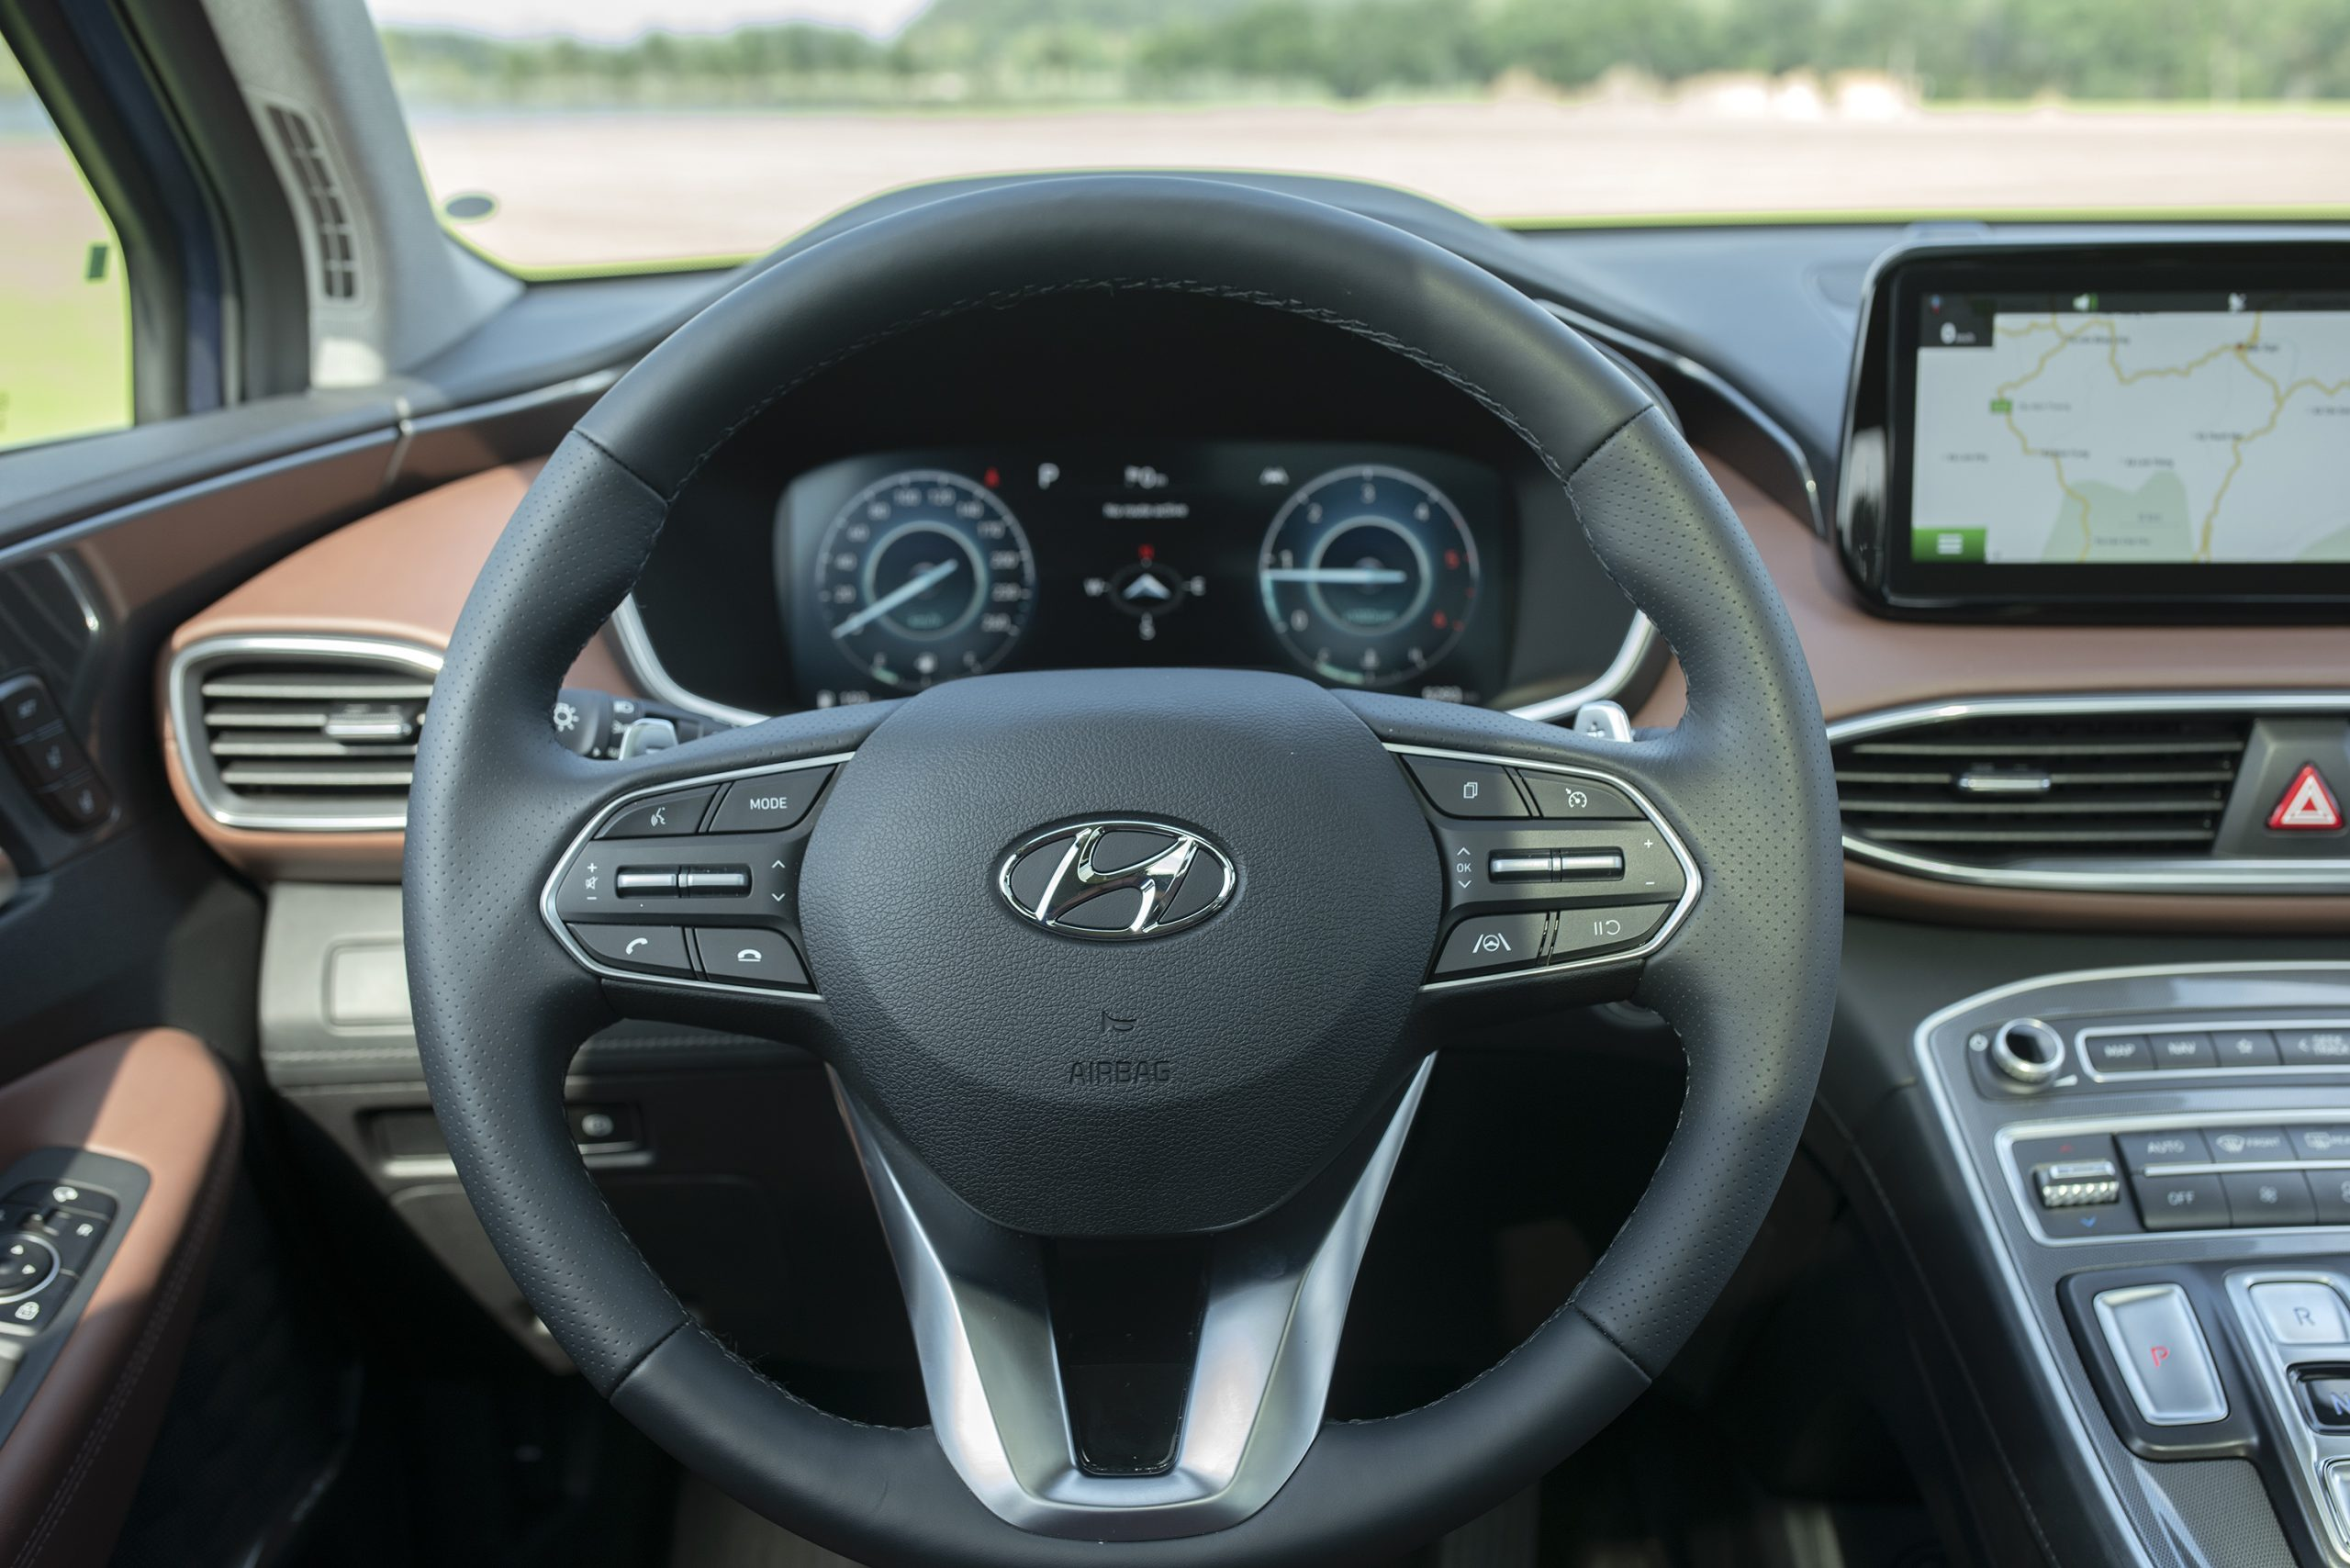 Hyundai-Santa-Fe-2021-55-scaled_-10-06-2021-11-09-25.jpg